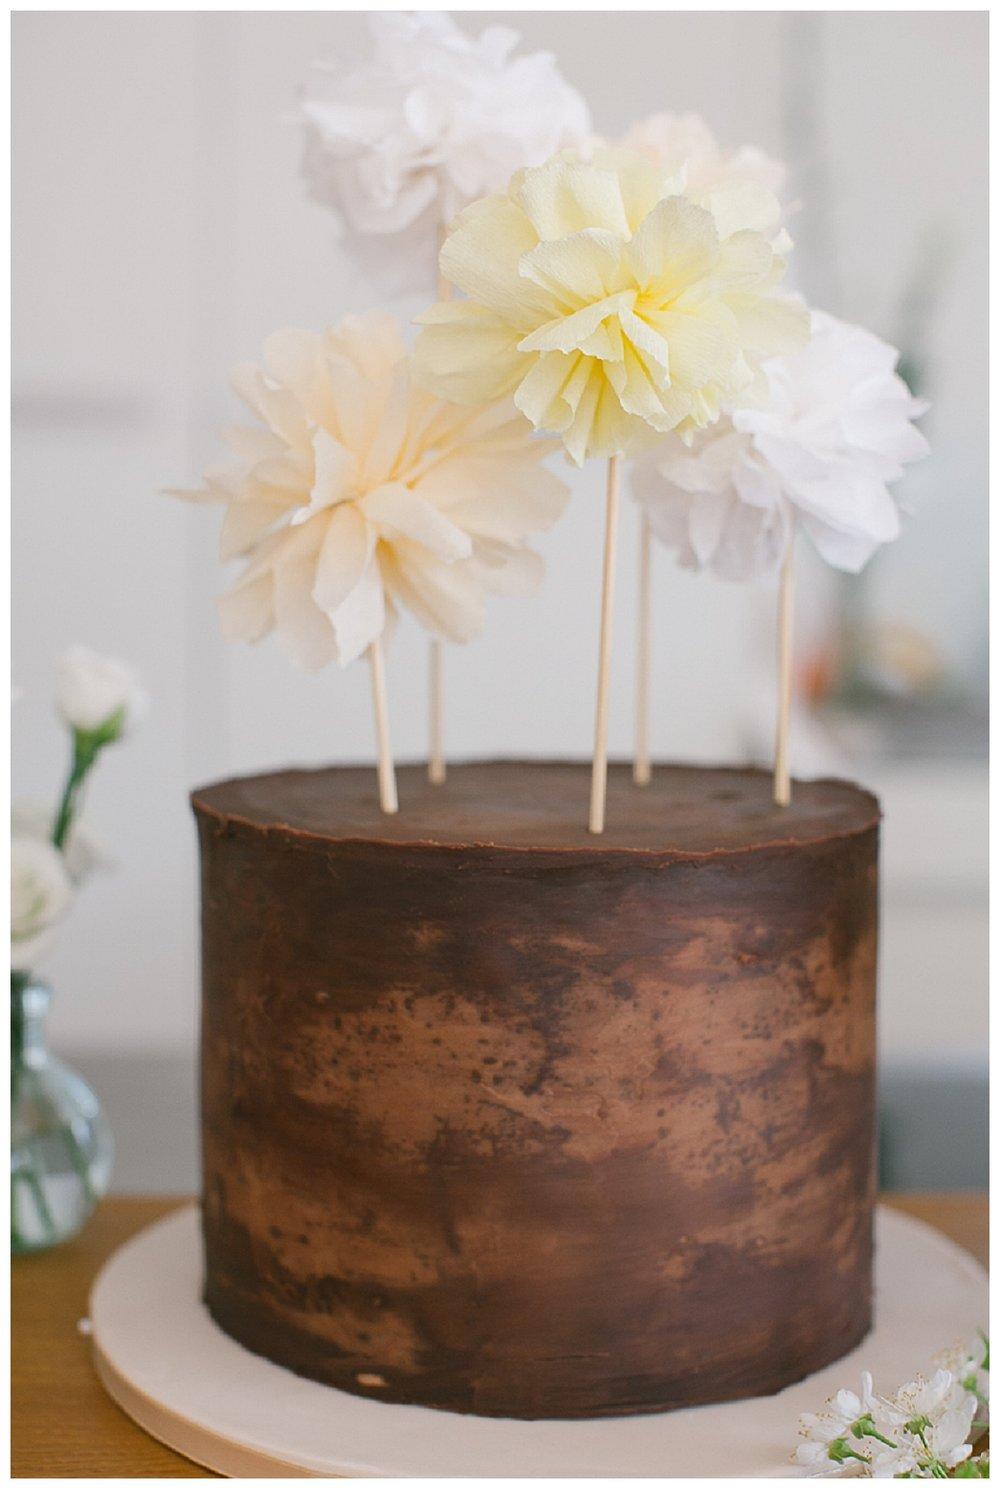 Geburtstag - Jedes neue Lebensjahr verdient gefeiert zu werden - ganz besonders wenn es sich zB. um den ersten Geburtstag, den